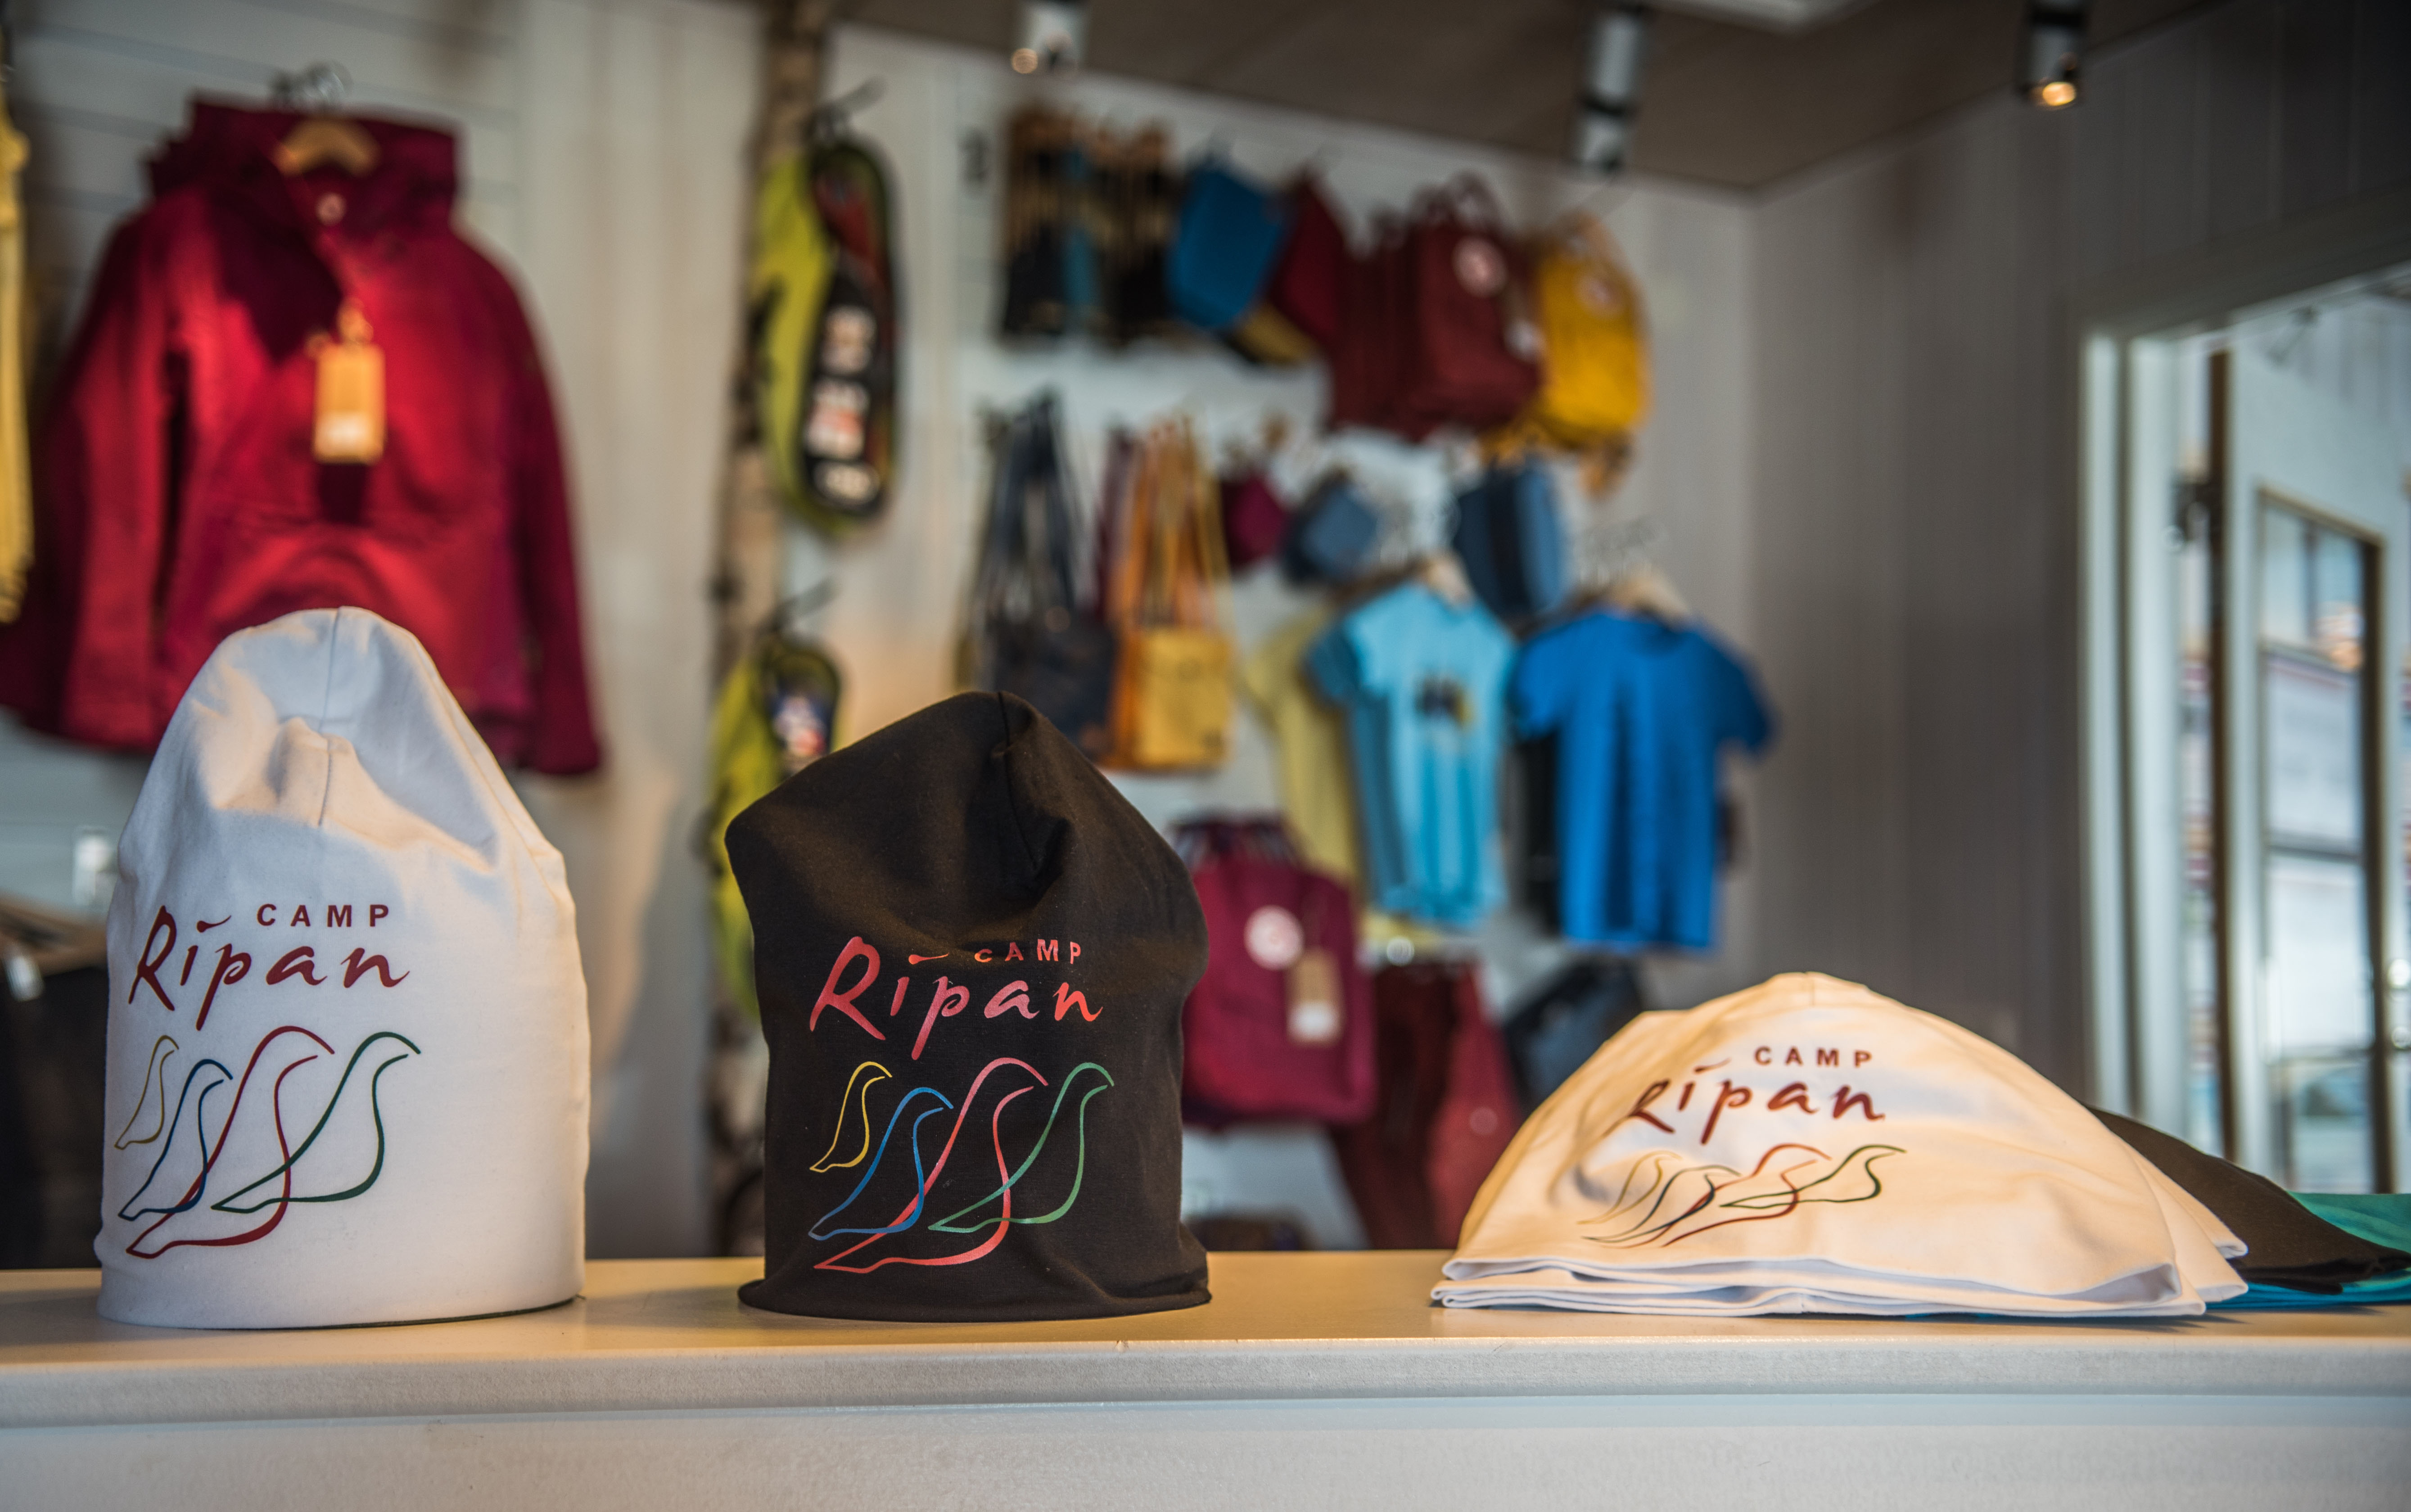 Camp Ripan sportshop